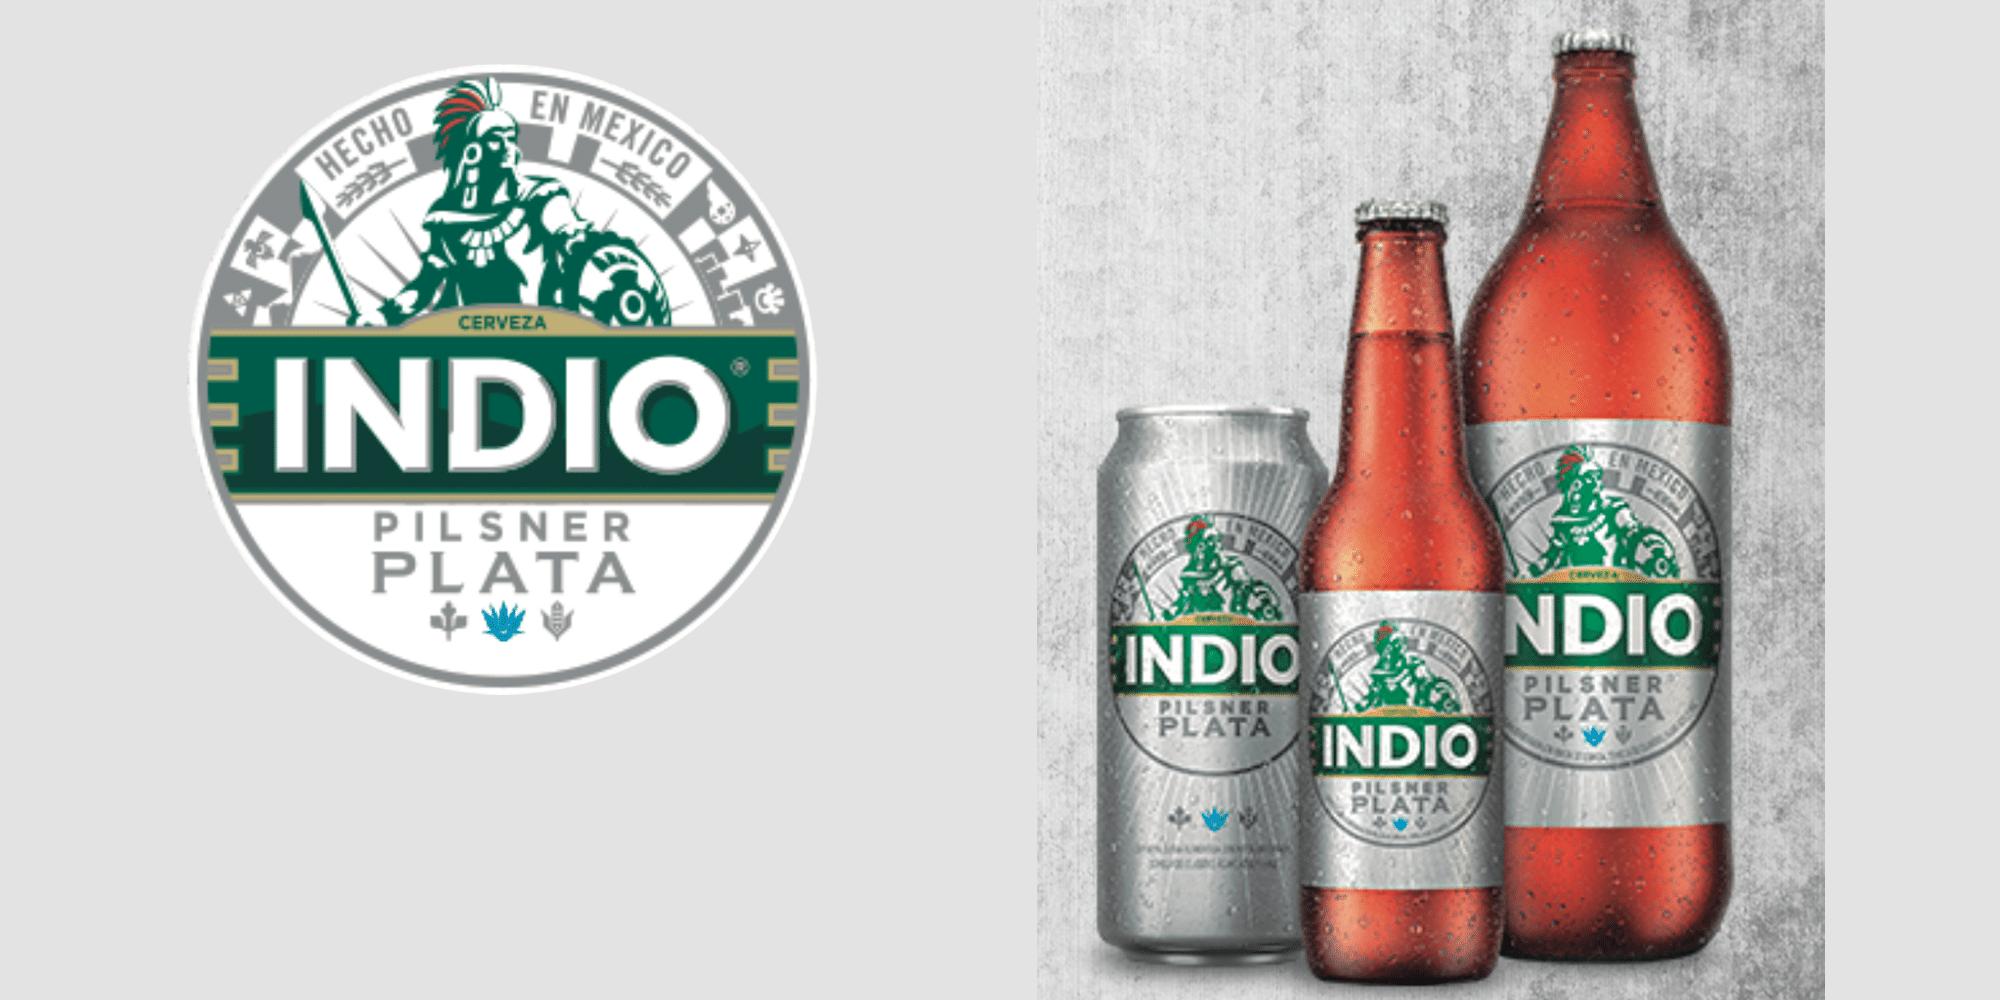 Historia de la Cerveza